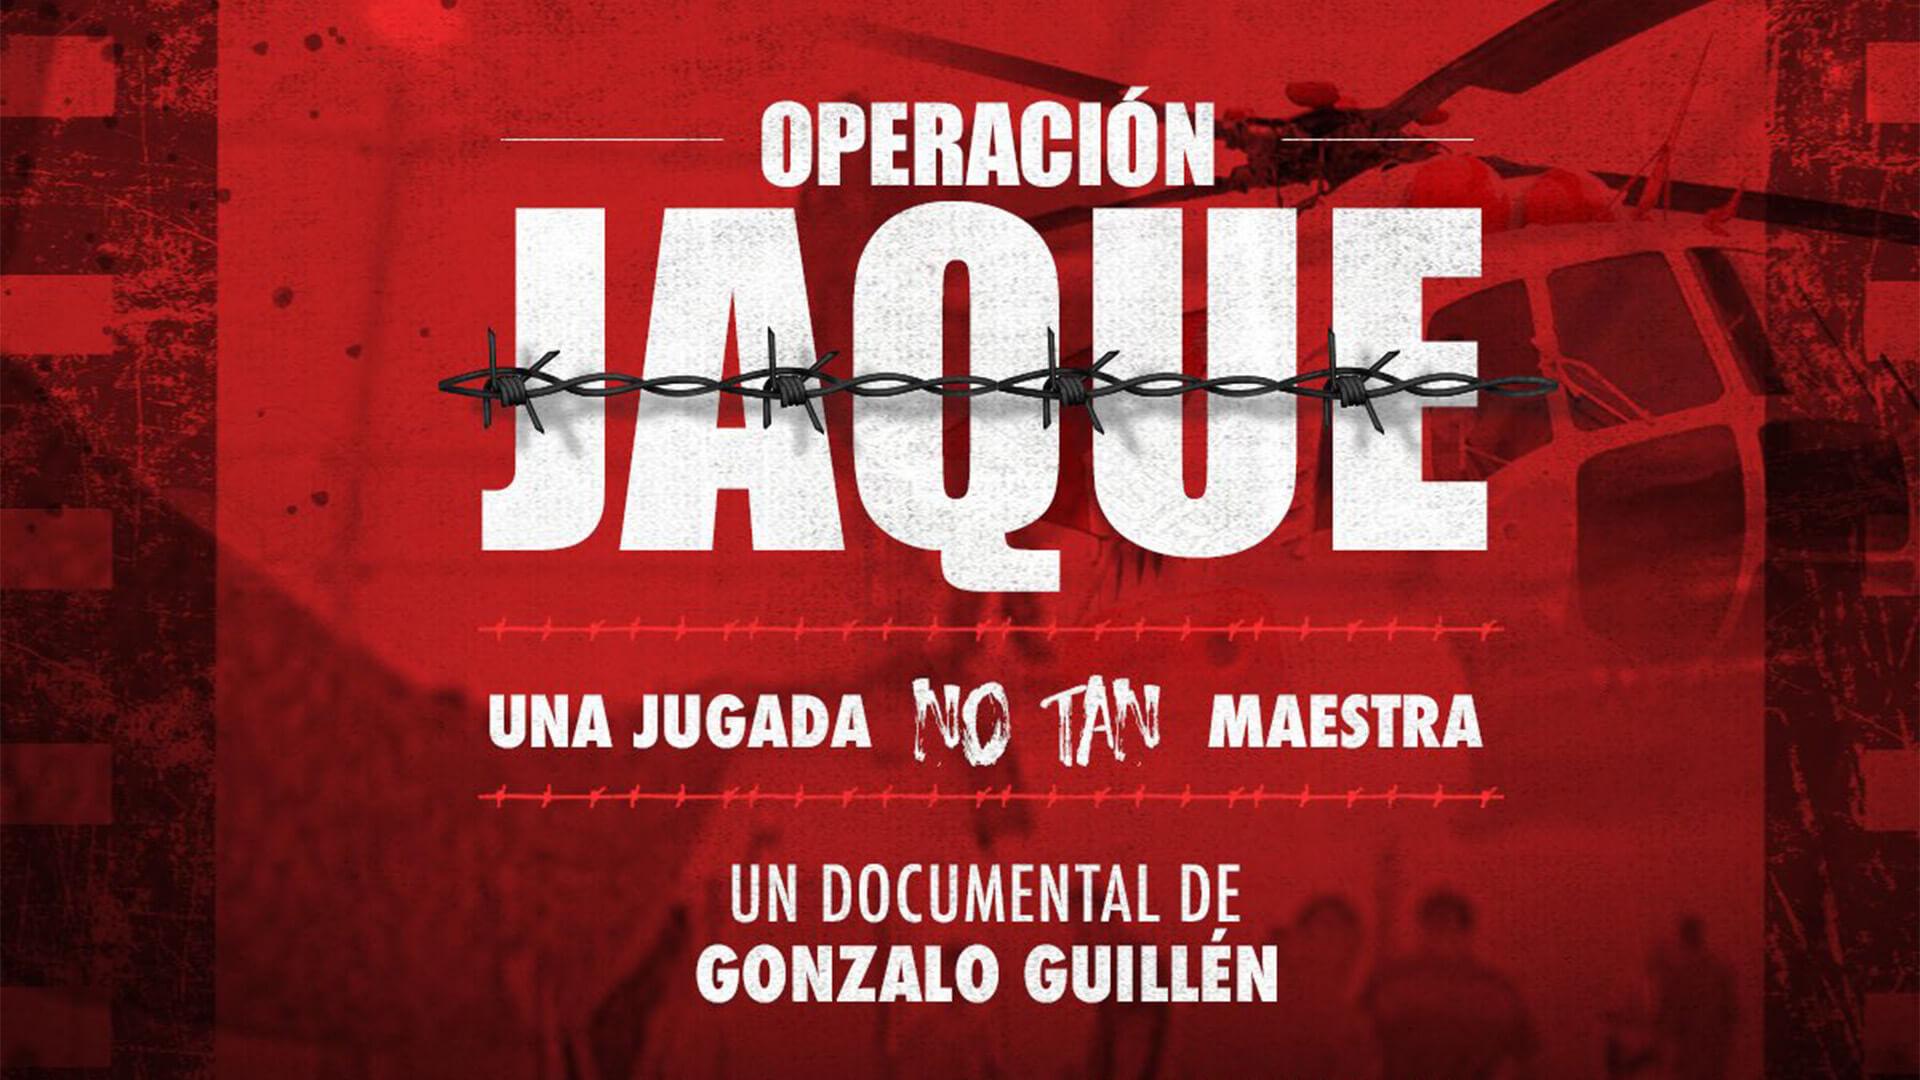 ¿Nos dijeron toda la verdad de la Operación Jaque? Este documental pone a prueba la versión oficial